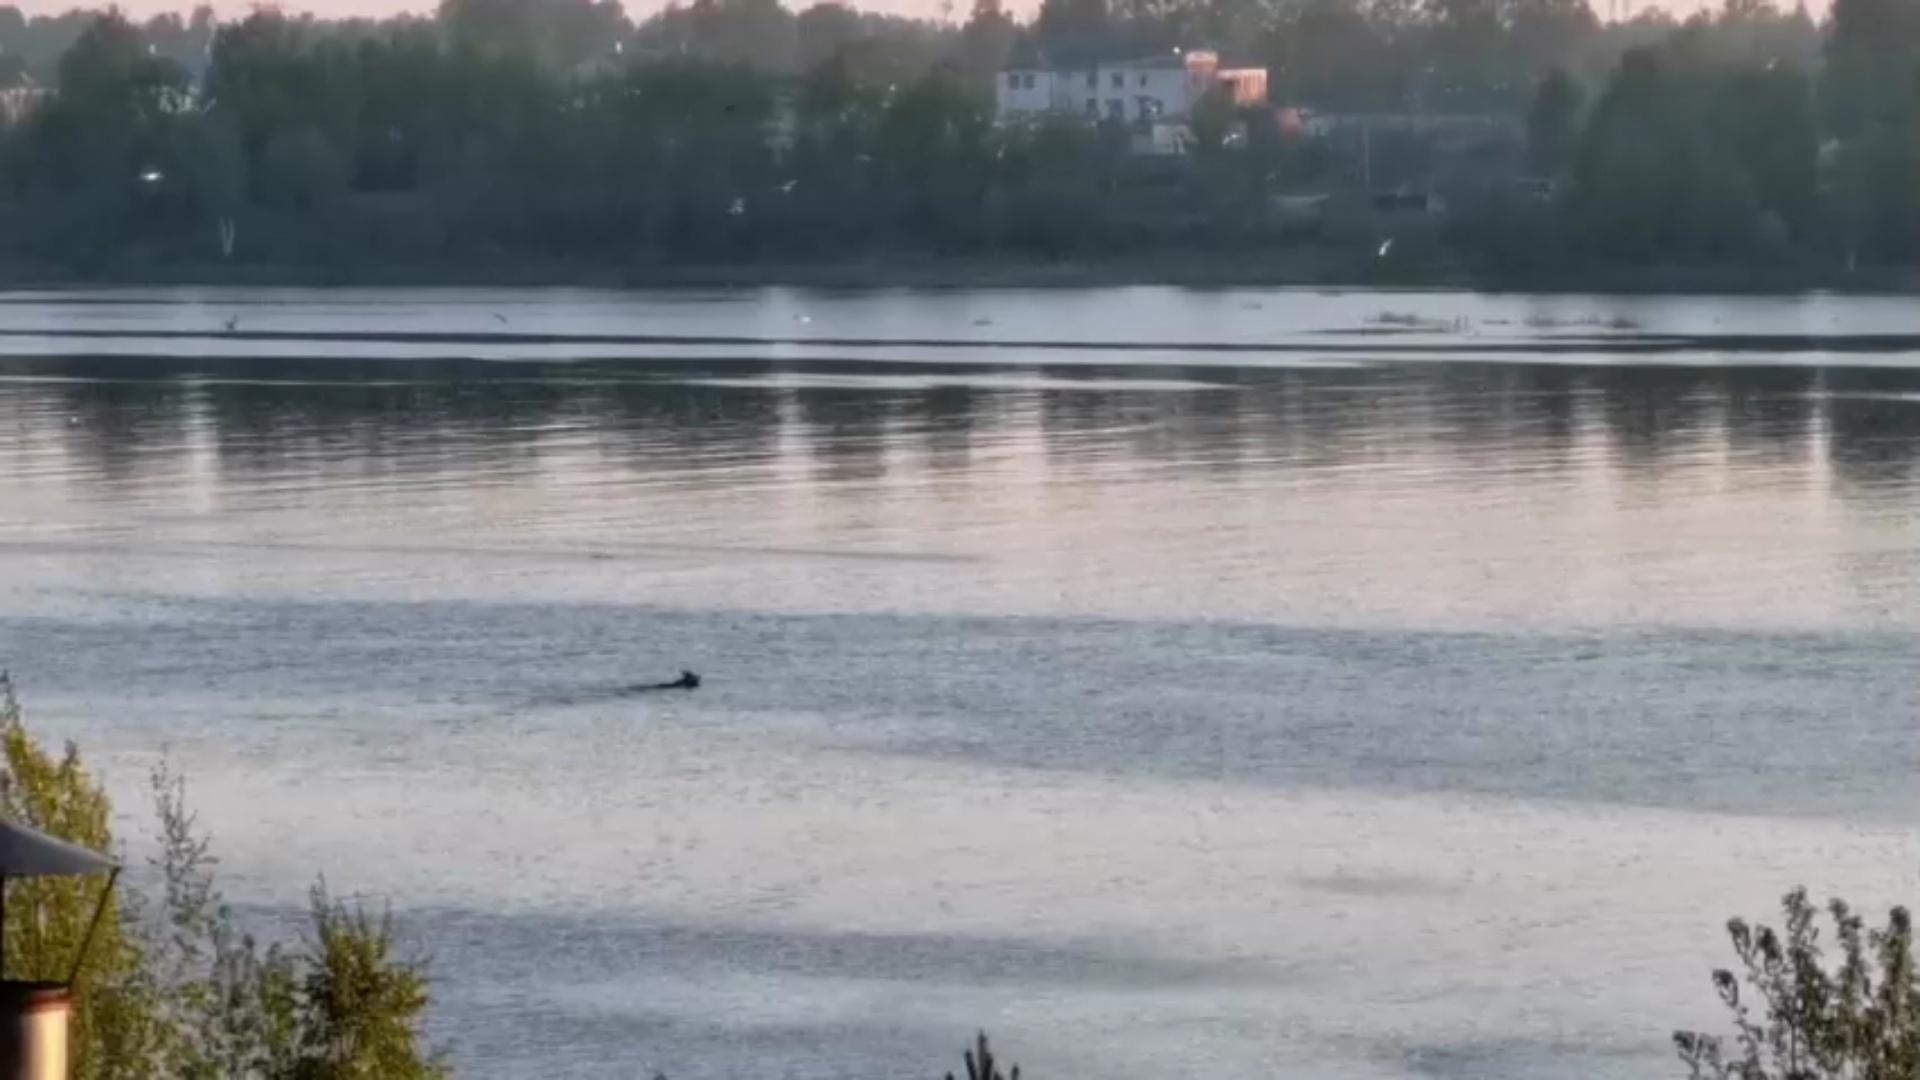 Переплывающего реку лося сняли на видео в Рыбинске